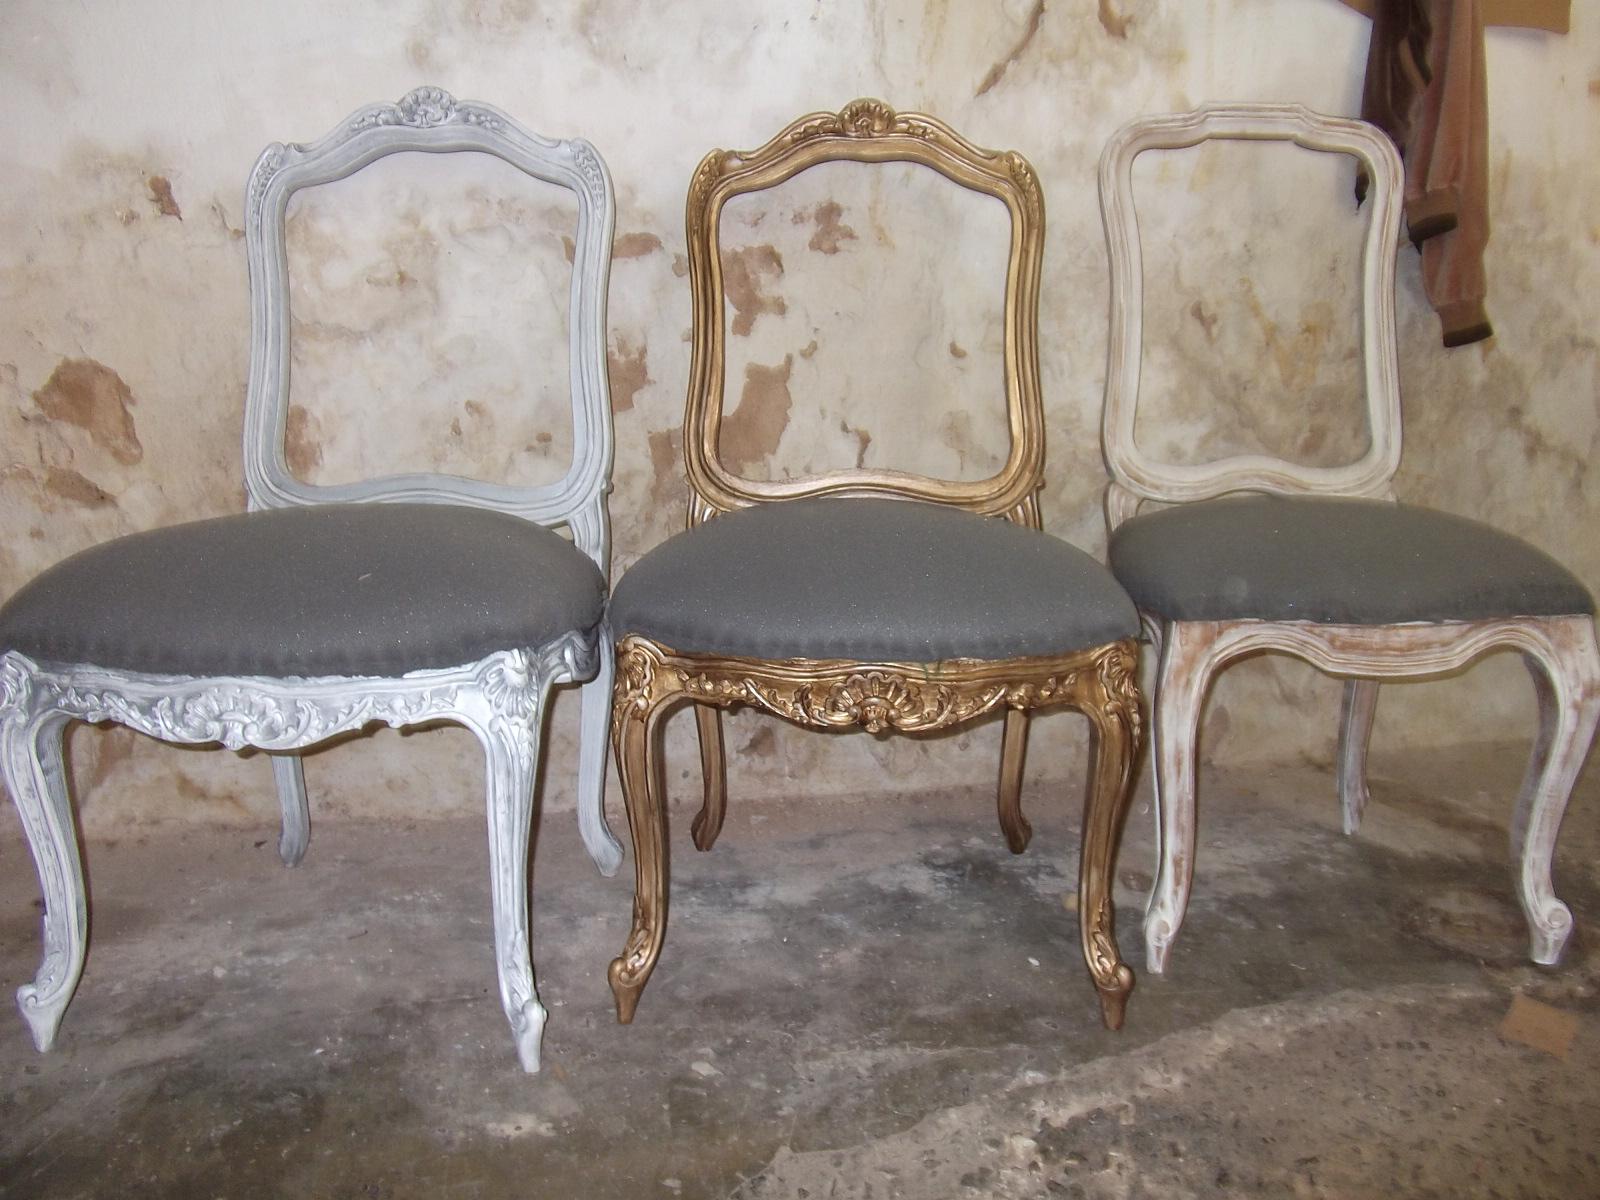 Decoração de Interiores A5 decoravip: Cadeiras Antigas a Venda #5F4D40 1600x1200